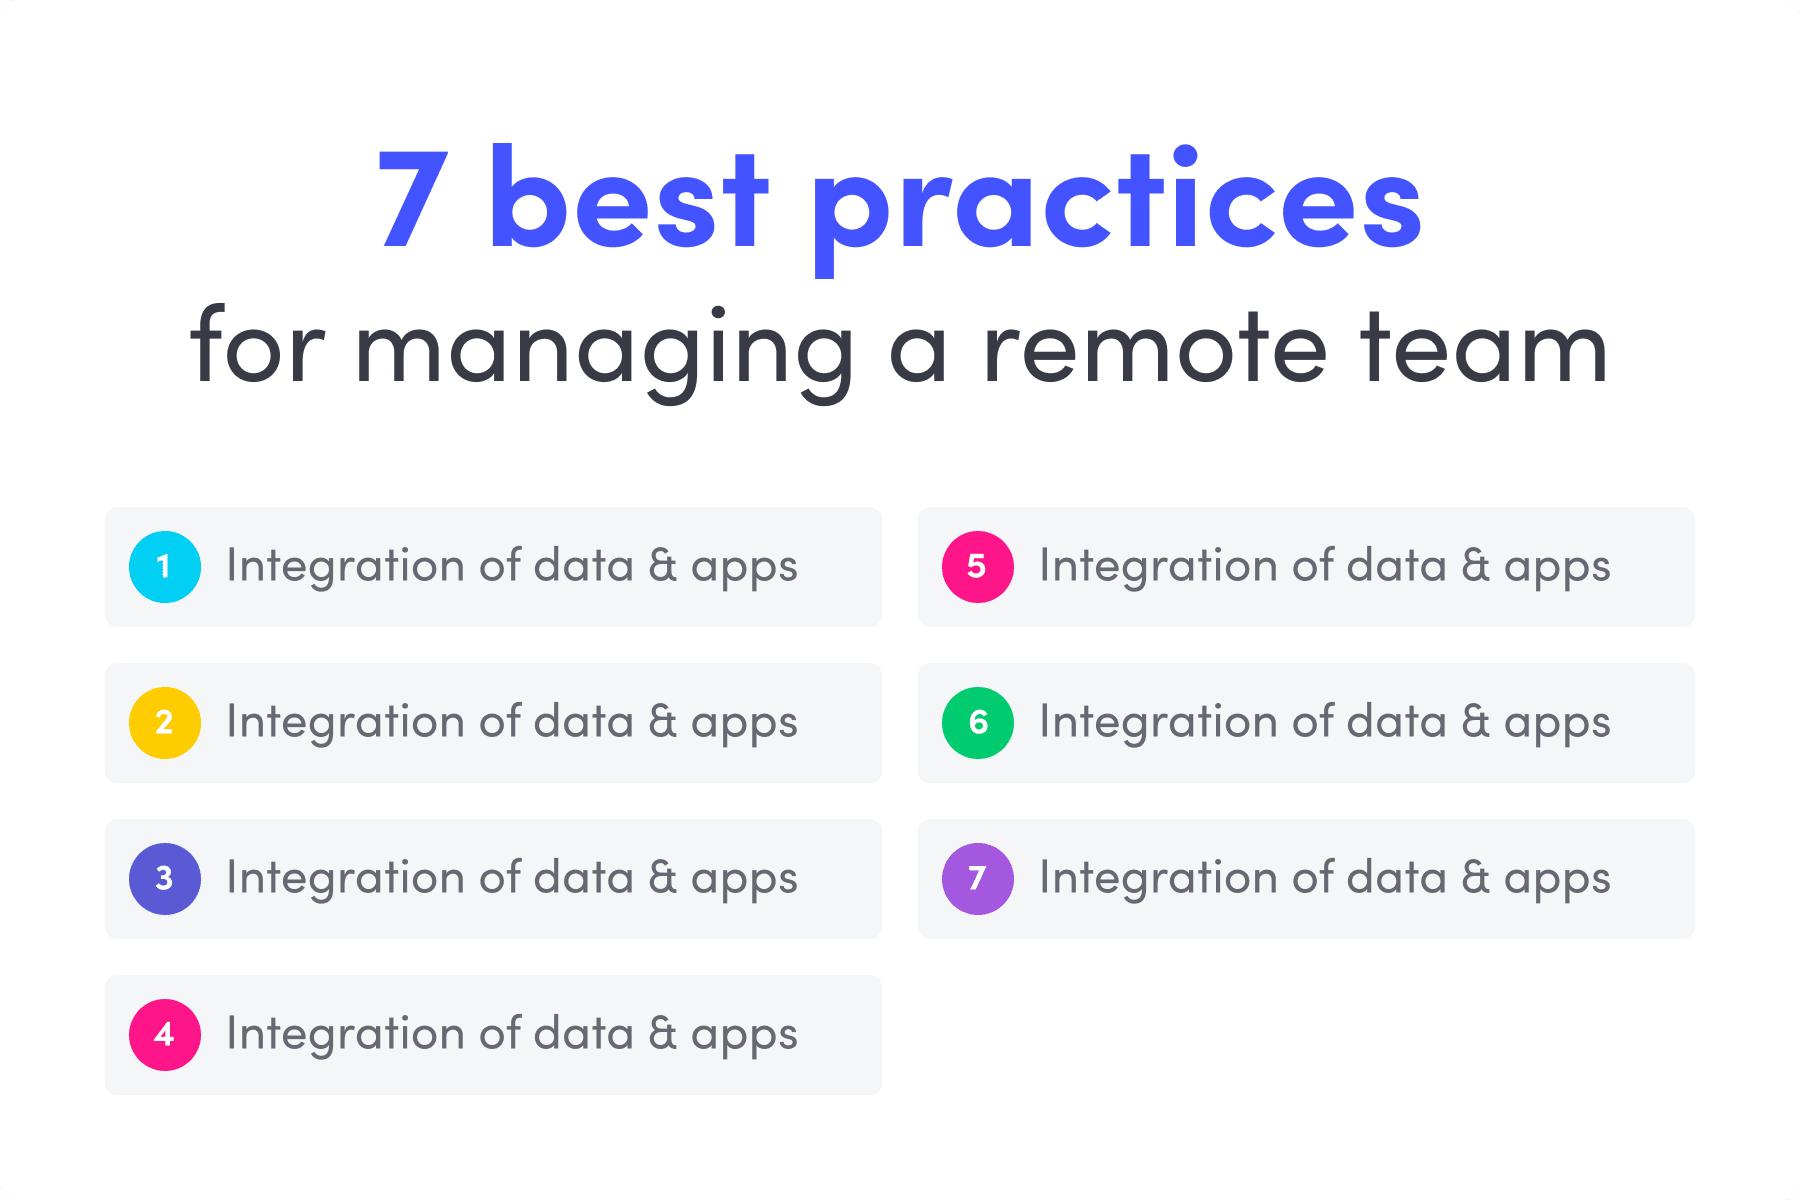 remote teams management - best practices